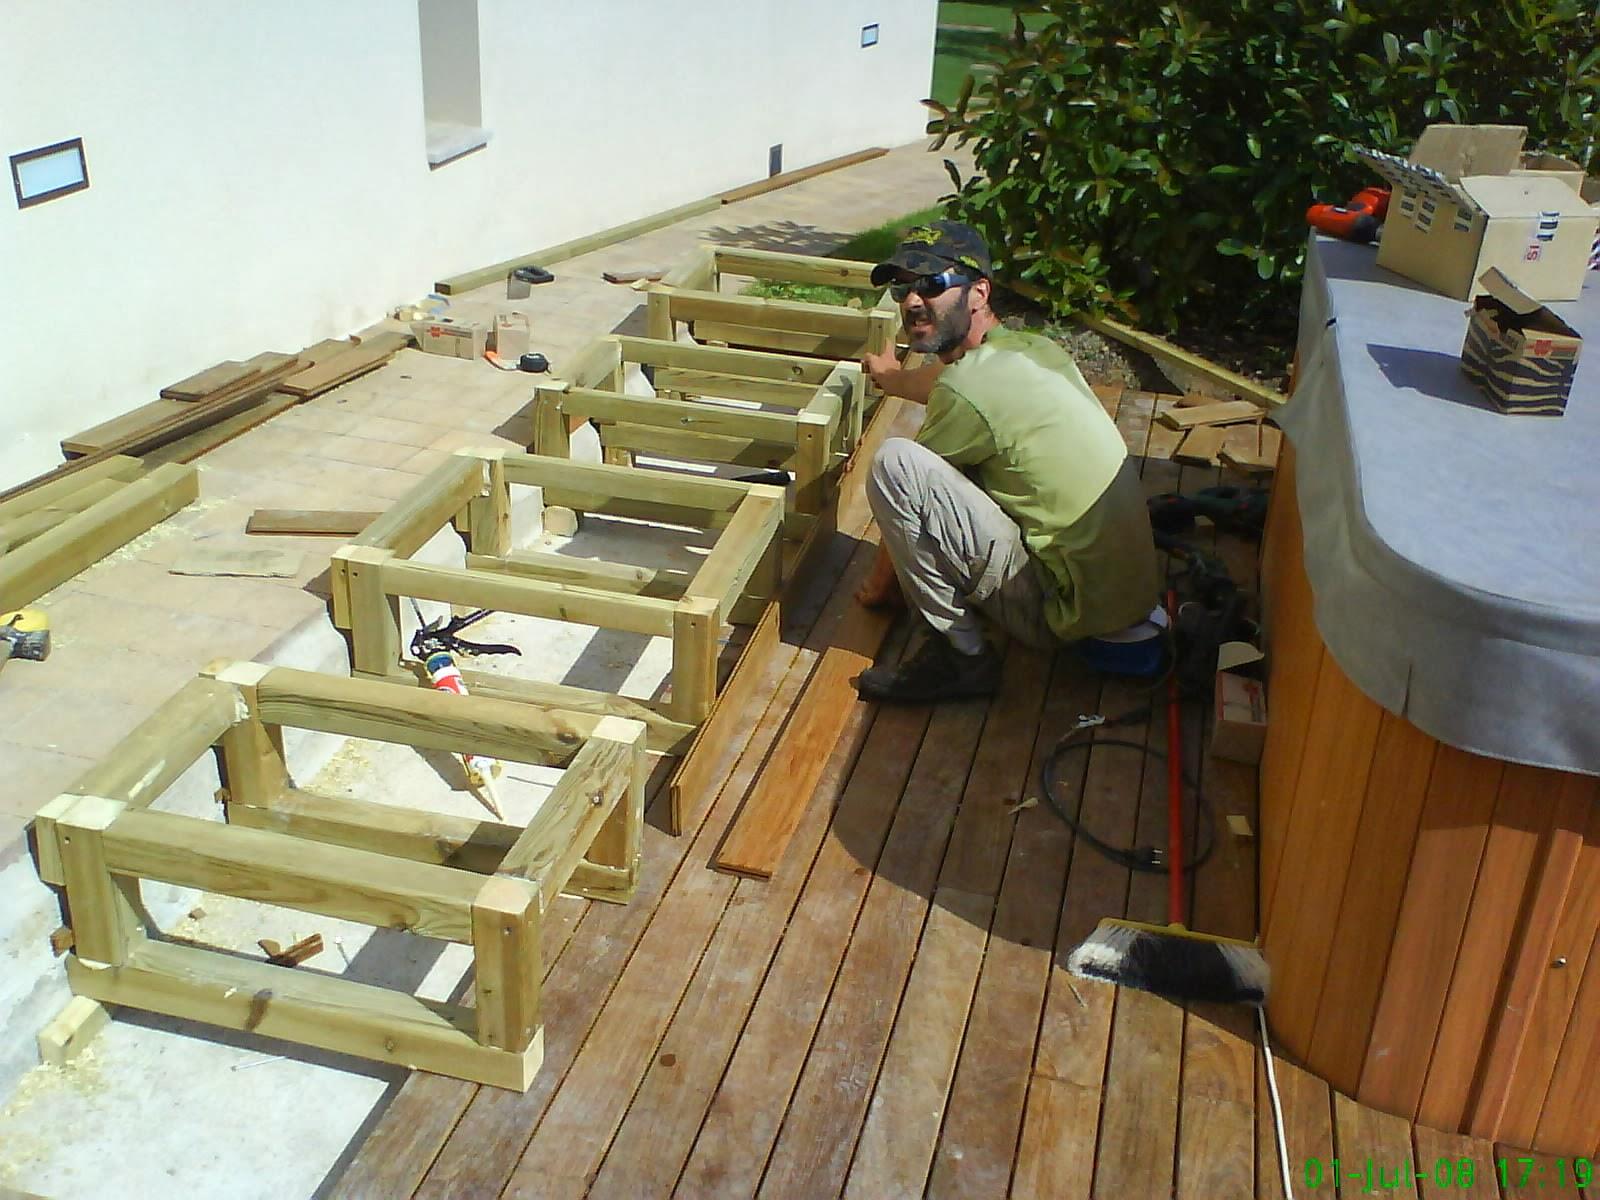 Errce dise o madera jacuzzi exterior sin cobertura for Jacuzzi exterior madera